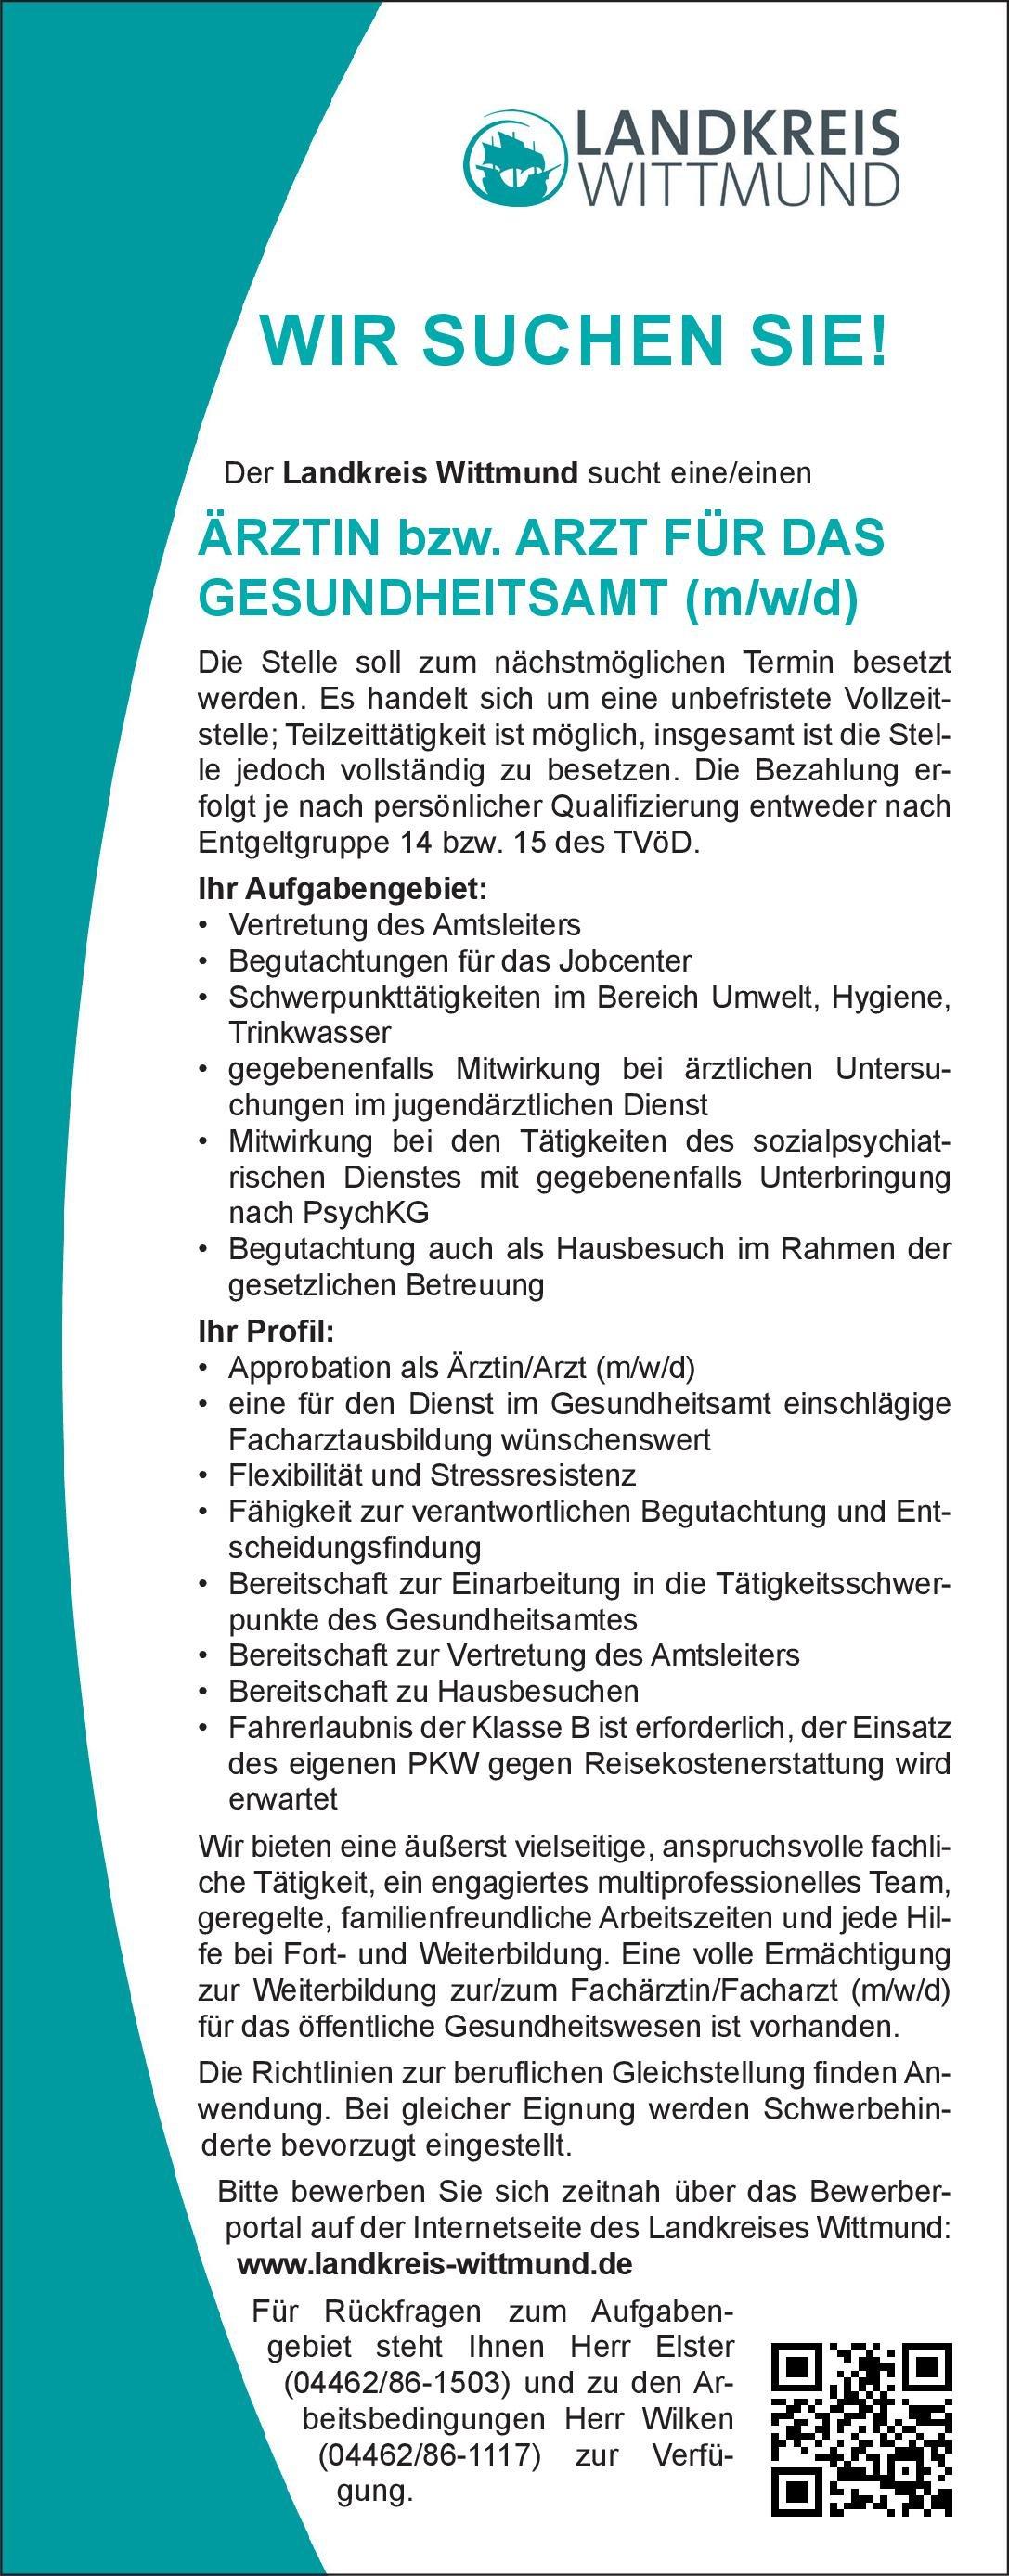 Landkreis Wittmund Ärztin bzw. Arzt für das Gesundheitsamt (m/w/d) Öffentliches Gesundheitswesen Arzt / Facharzt